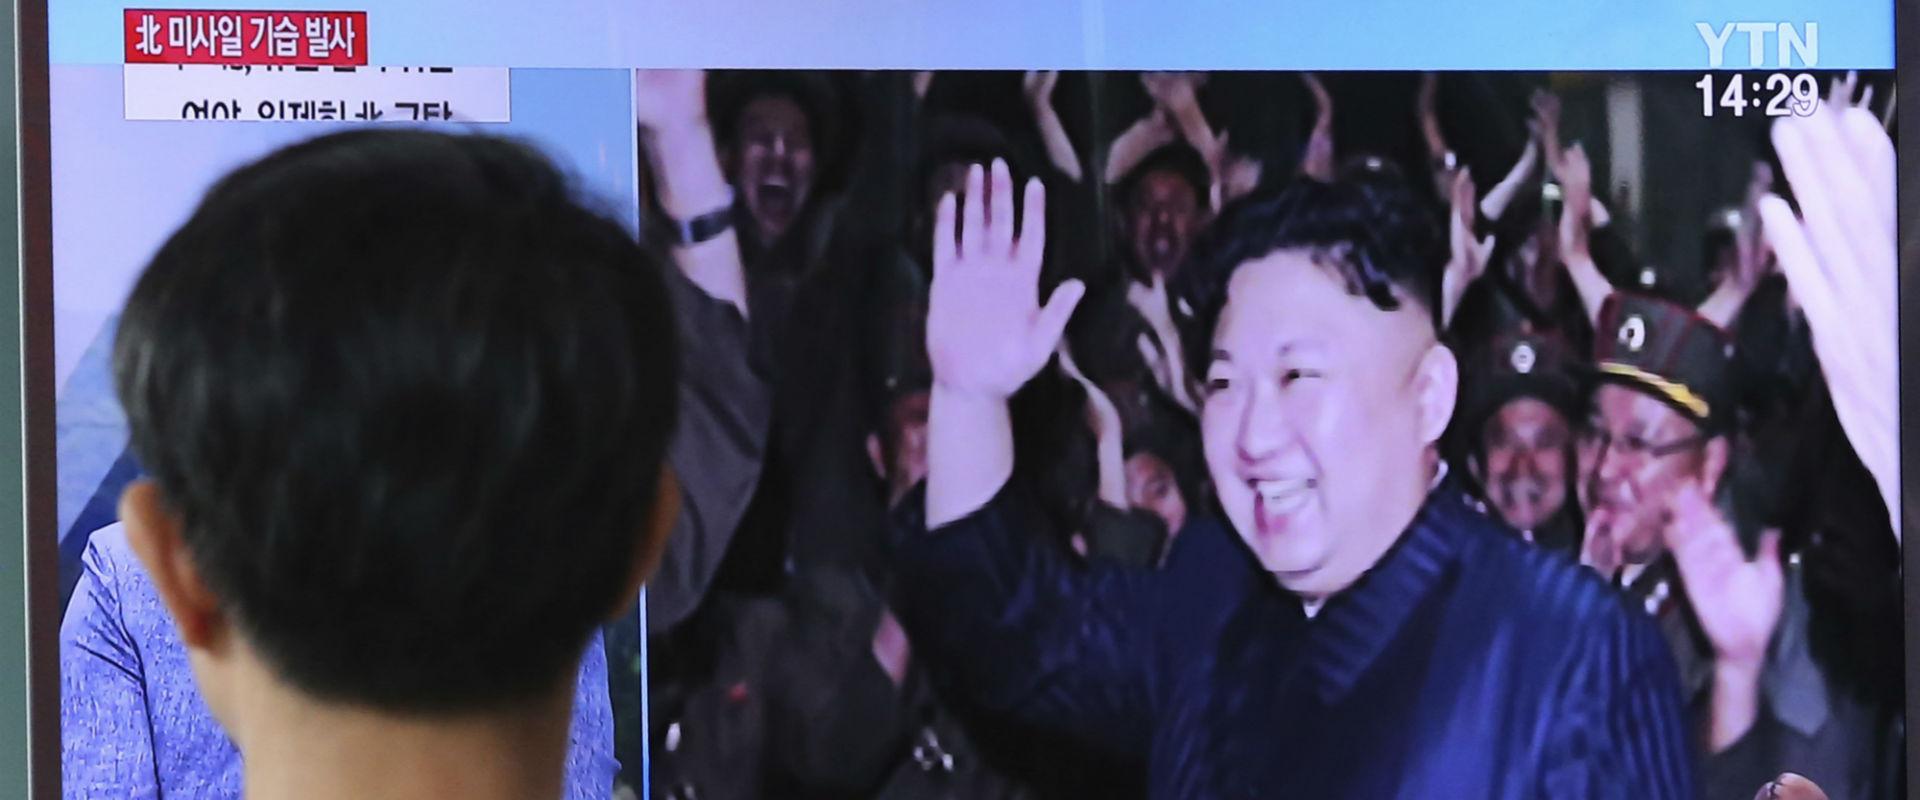 אזרח דרום קוריאני צופה בקים ז'ונג און. אוגוסט 2017